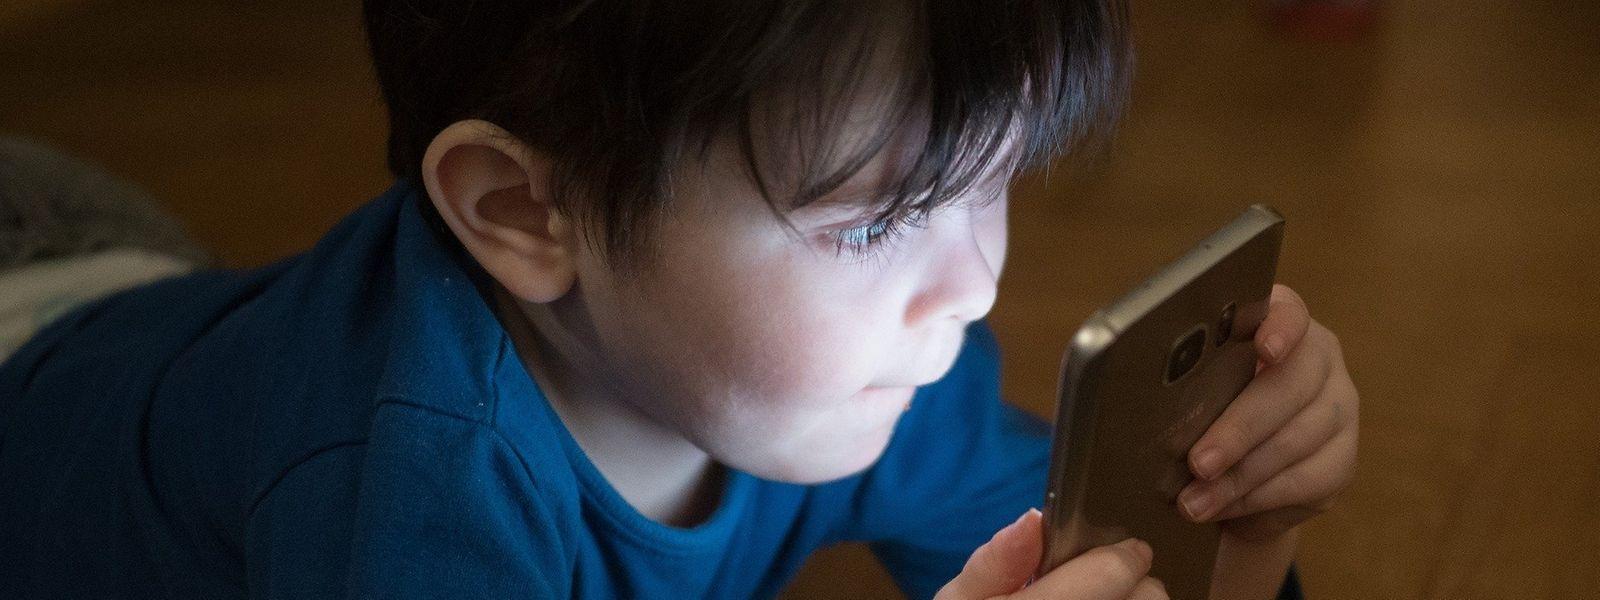 """In seinem jüngsten Essay beschreibt der Soziologe Gérald Bronner die Auswirkungen der Handys auf unsere Gehirne als """"kognitive Apokalypse""""."""